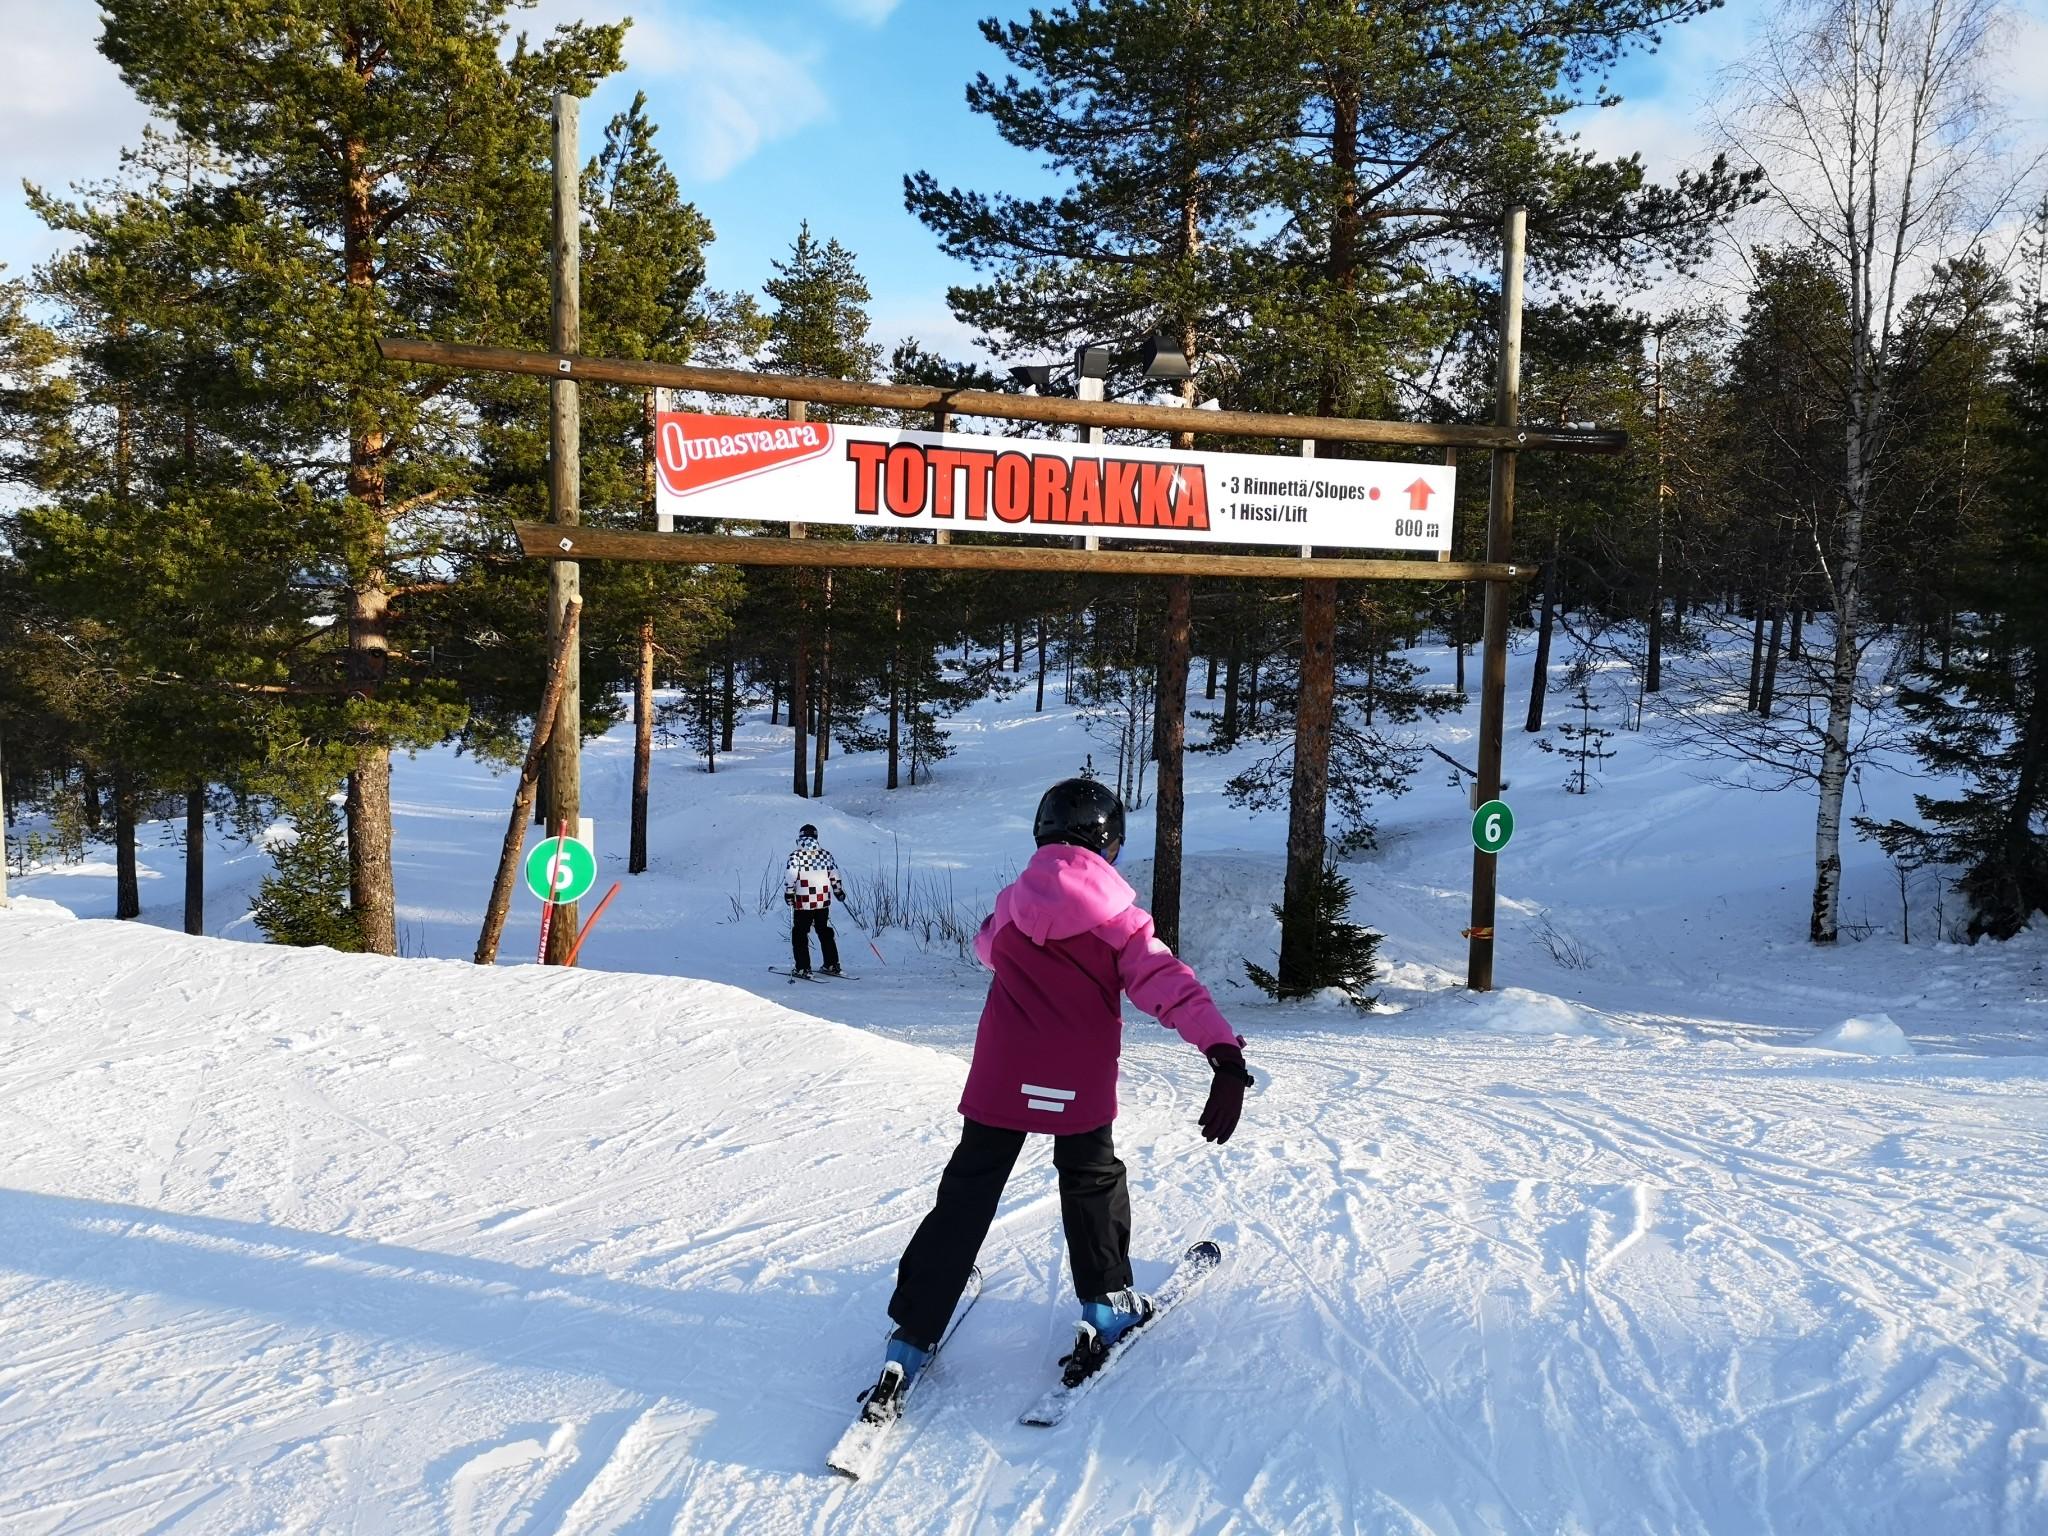 Kohteenanaailma Talviloma Rovaniemellä - Lappi alkaa Ounasvaaralta (6)